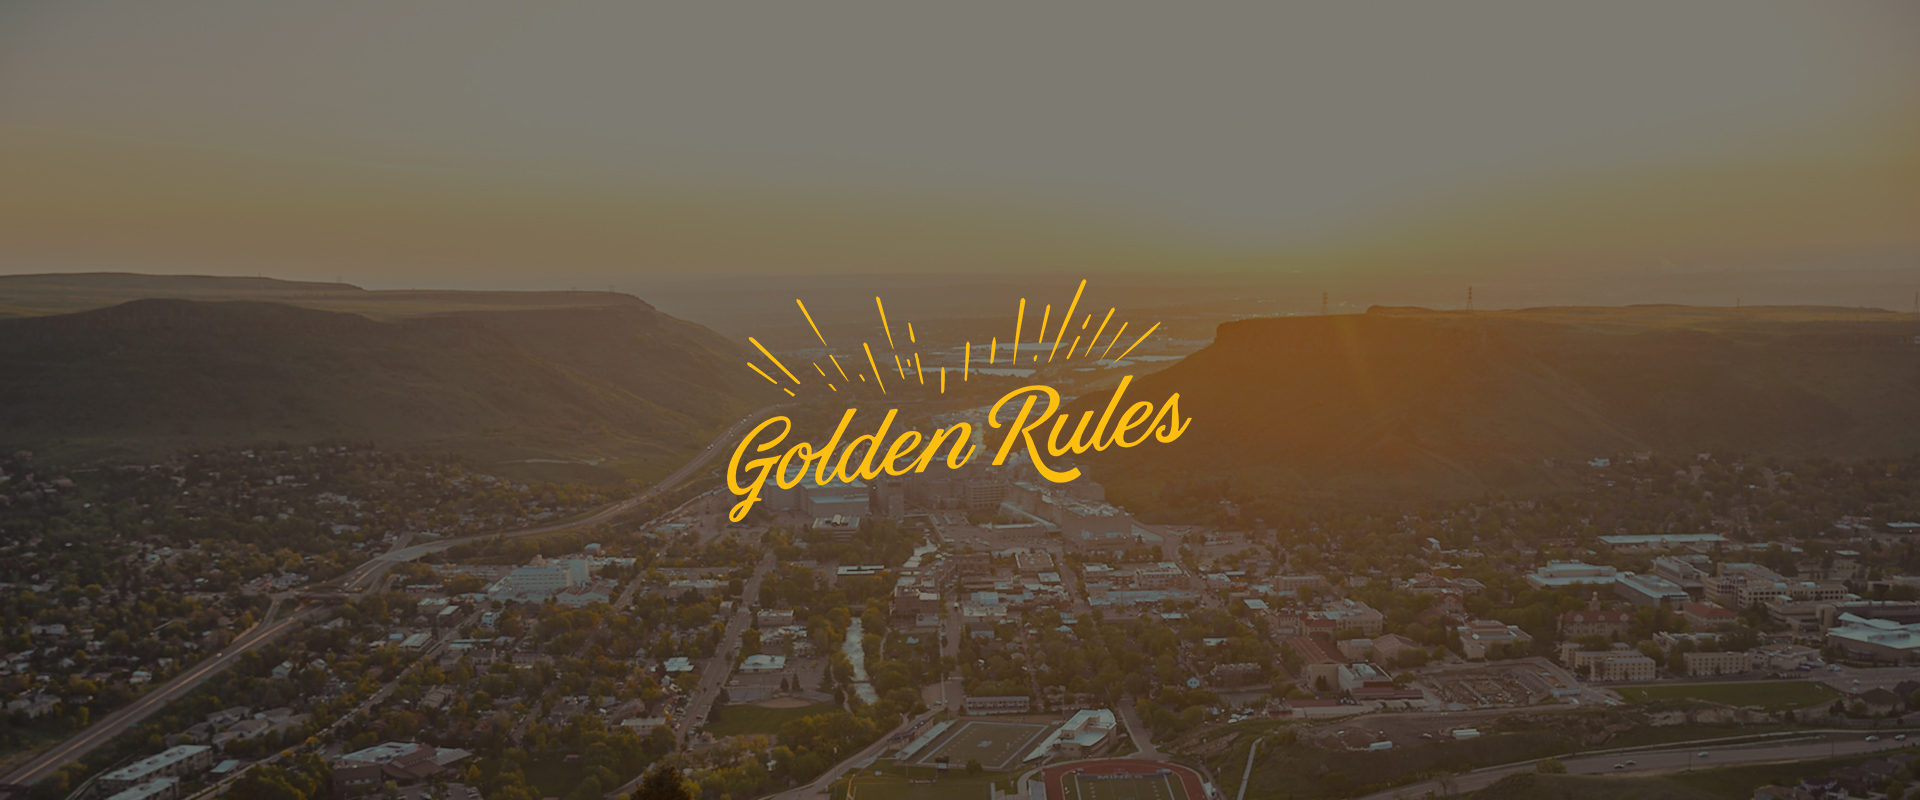 Golden_CoverImage.jpg